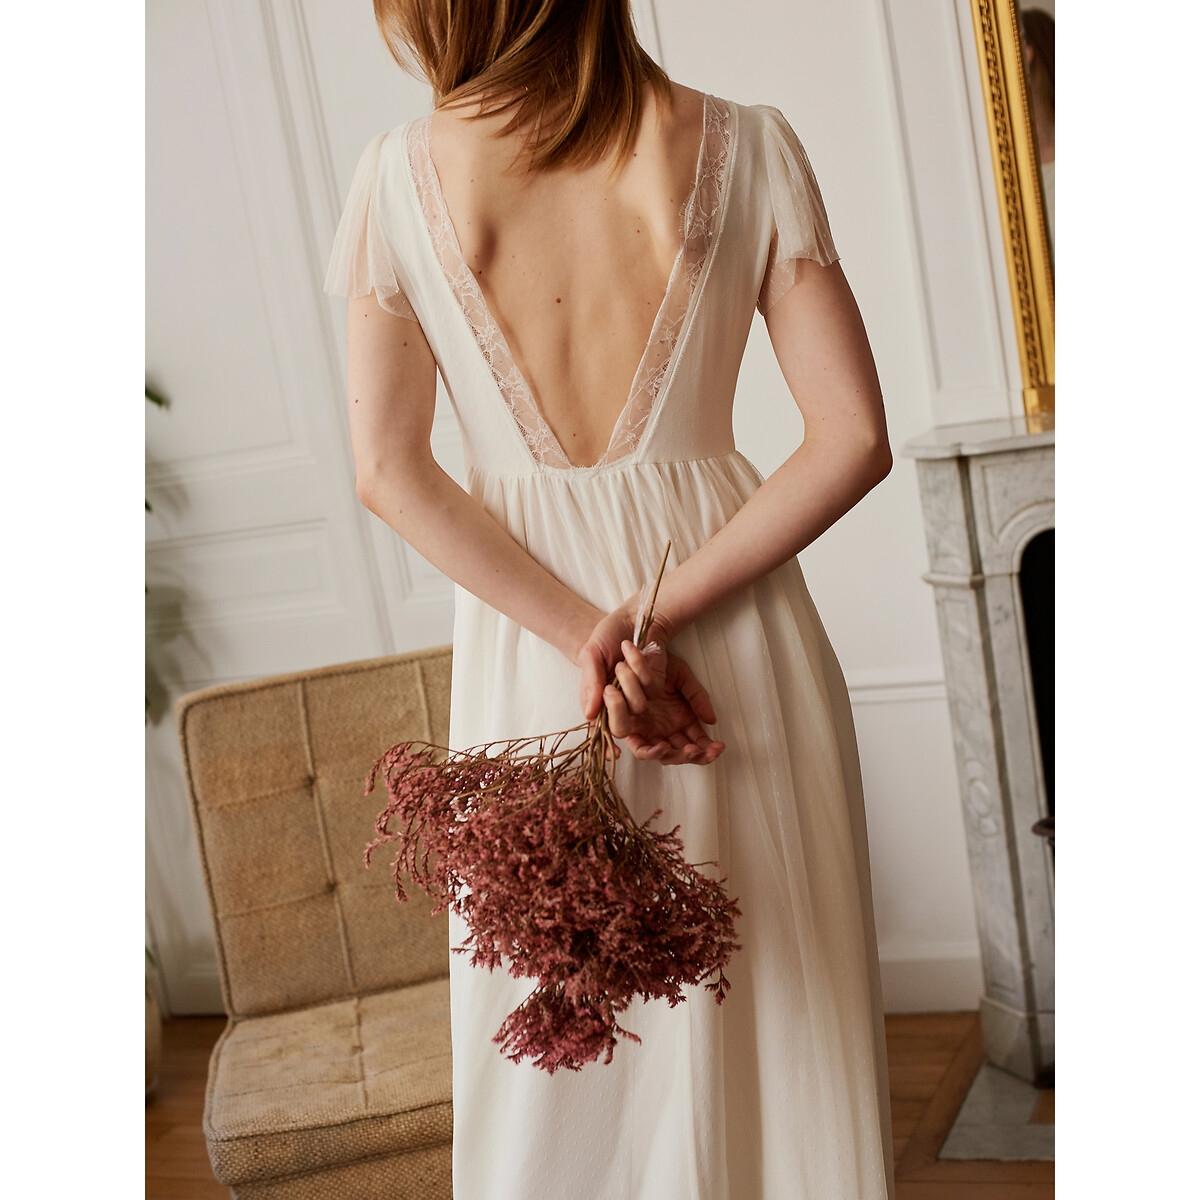 Robe de mariée longue, manches courtes